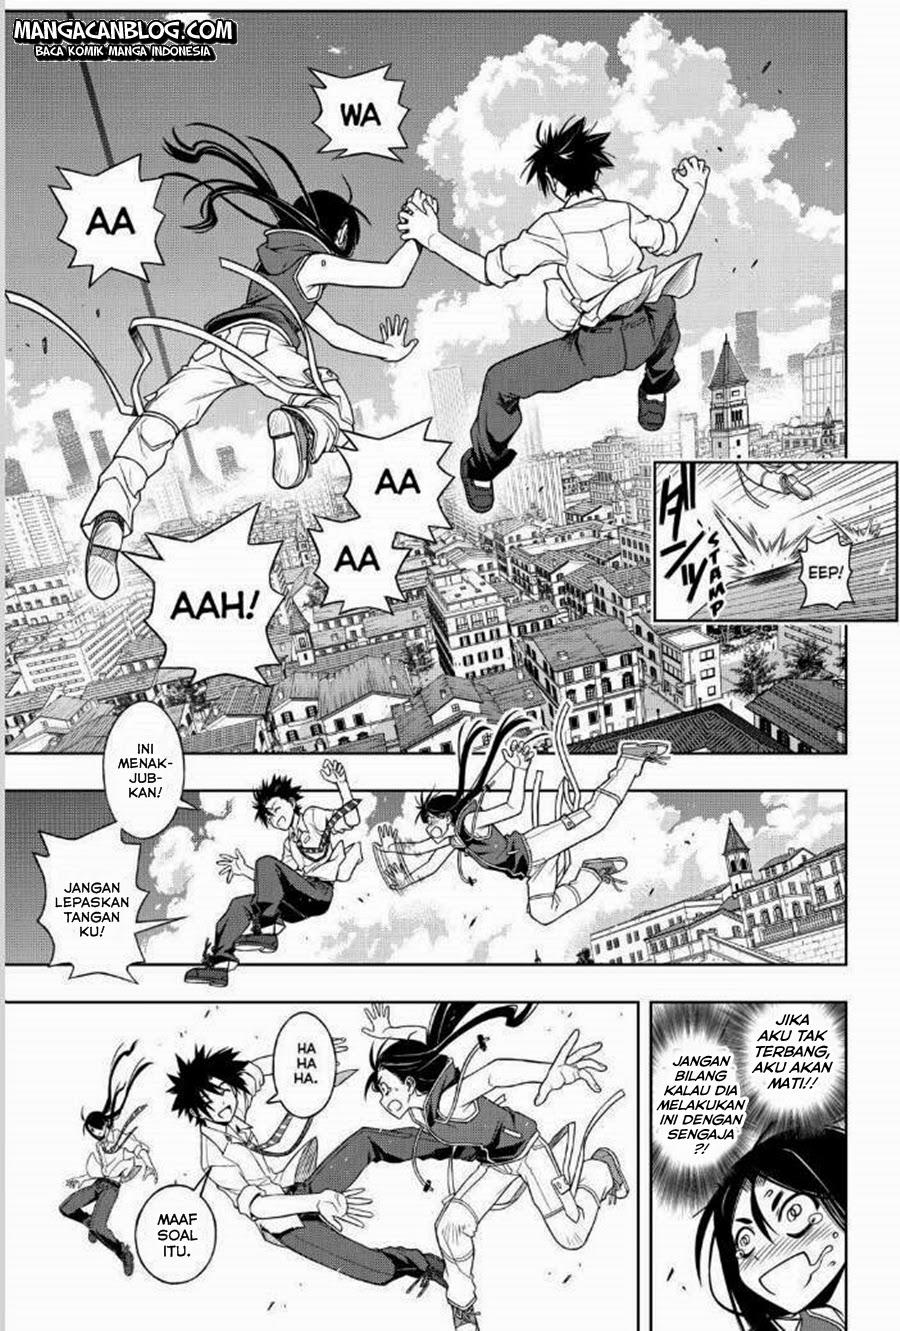 Komik uq holder 048 - kenangan yang indah 49 Indonesia uq holder 048 - kenangan yang indah Terbaru 13|Baca Manga Komik Indonesia